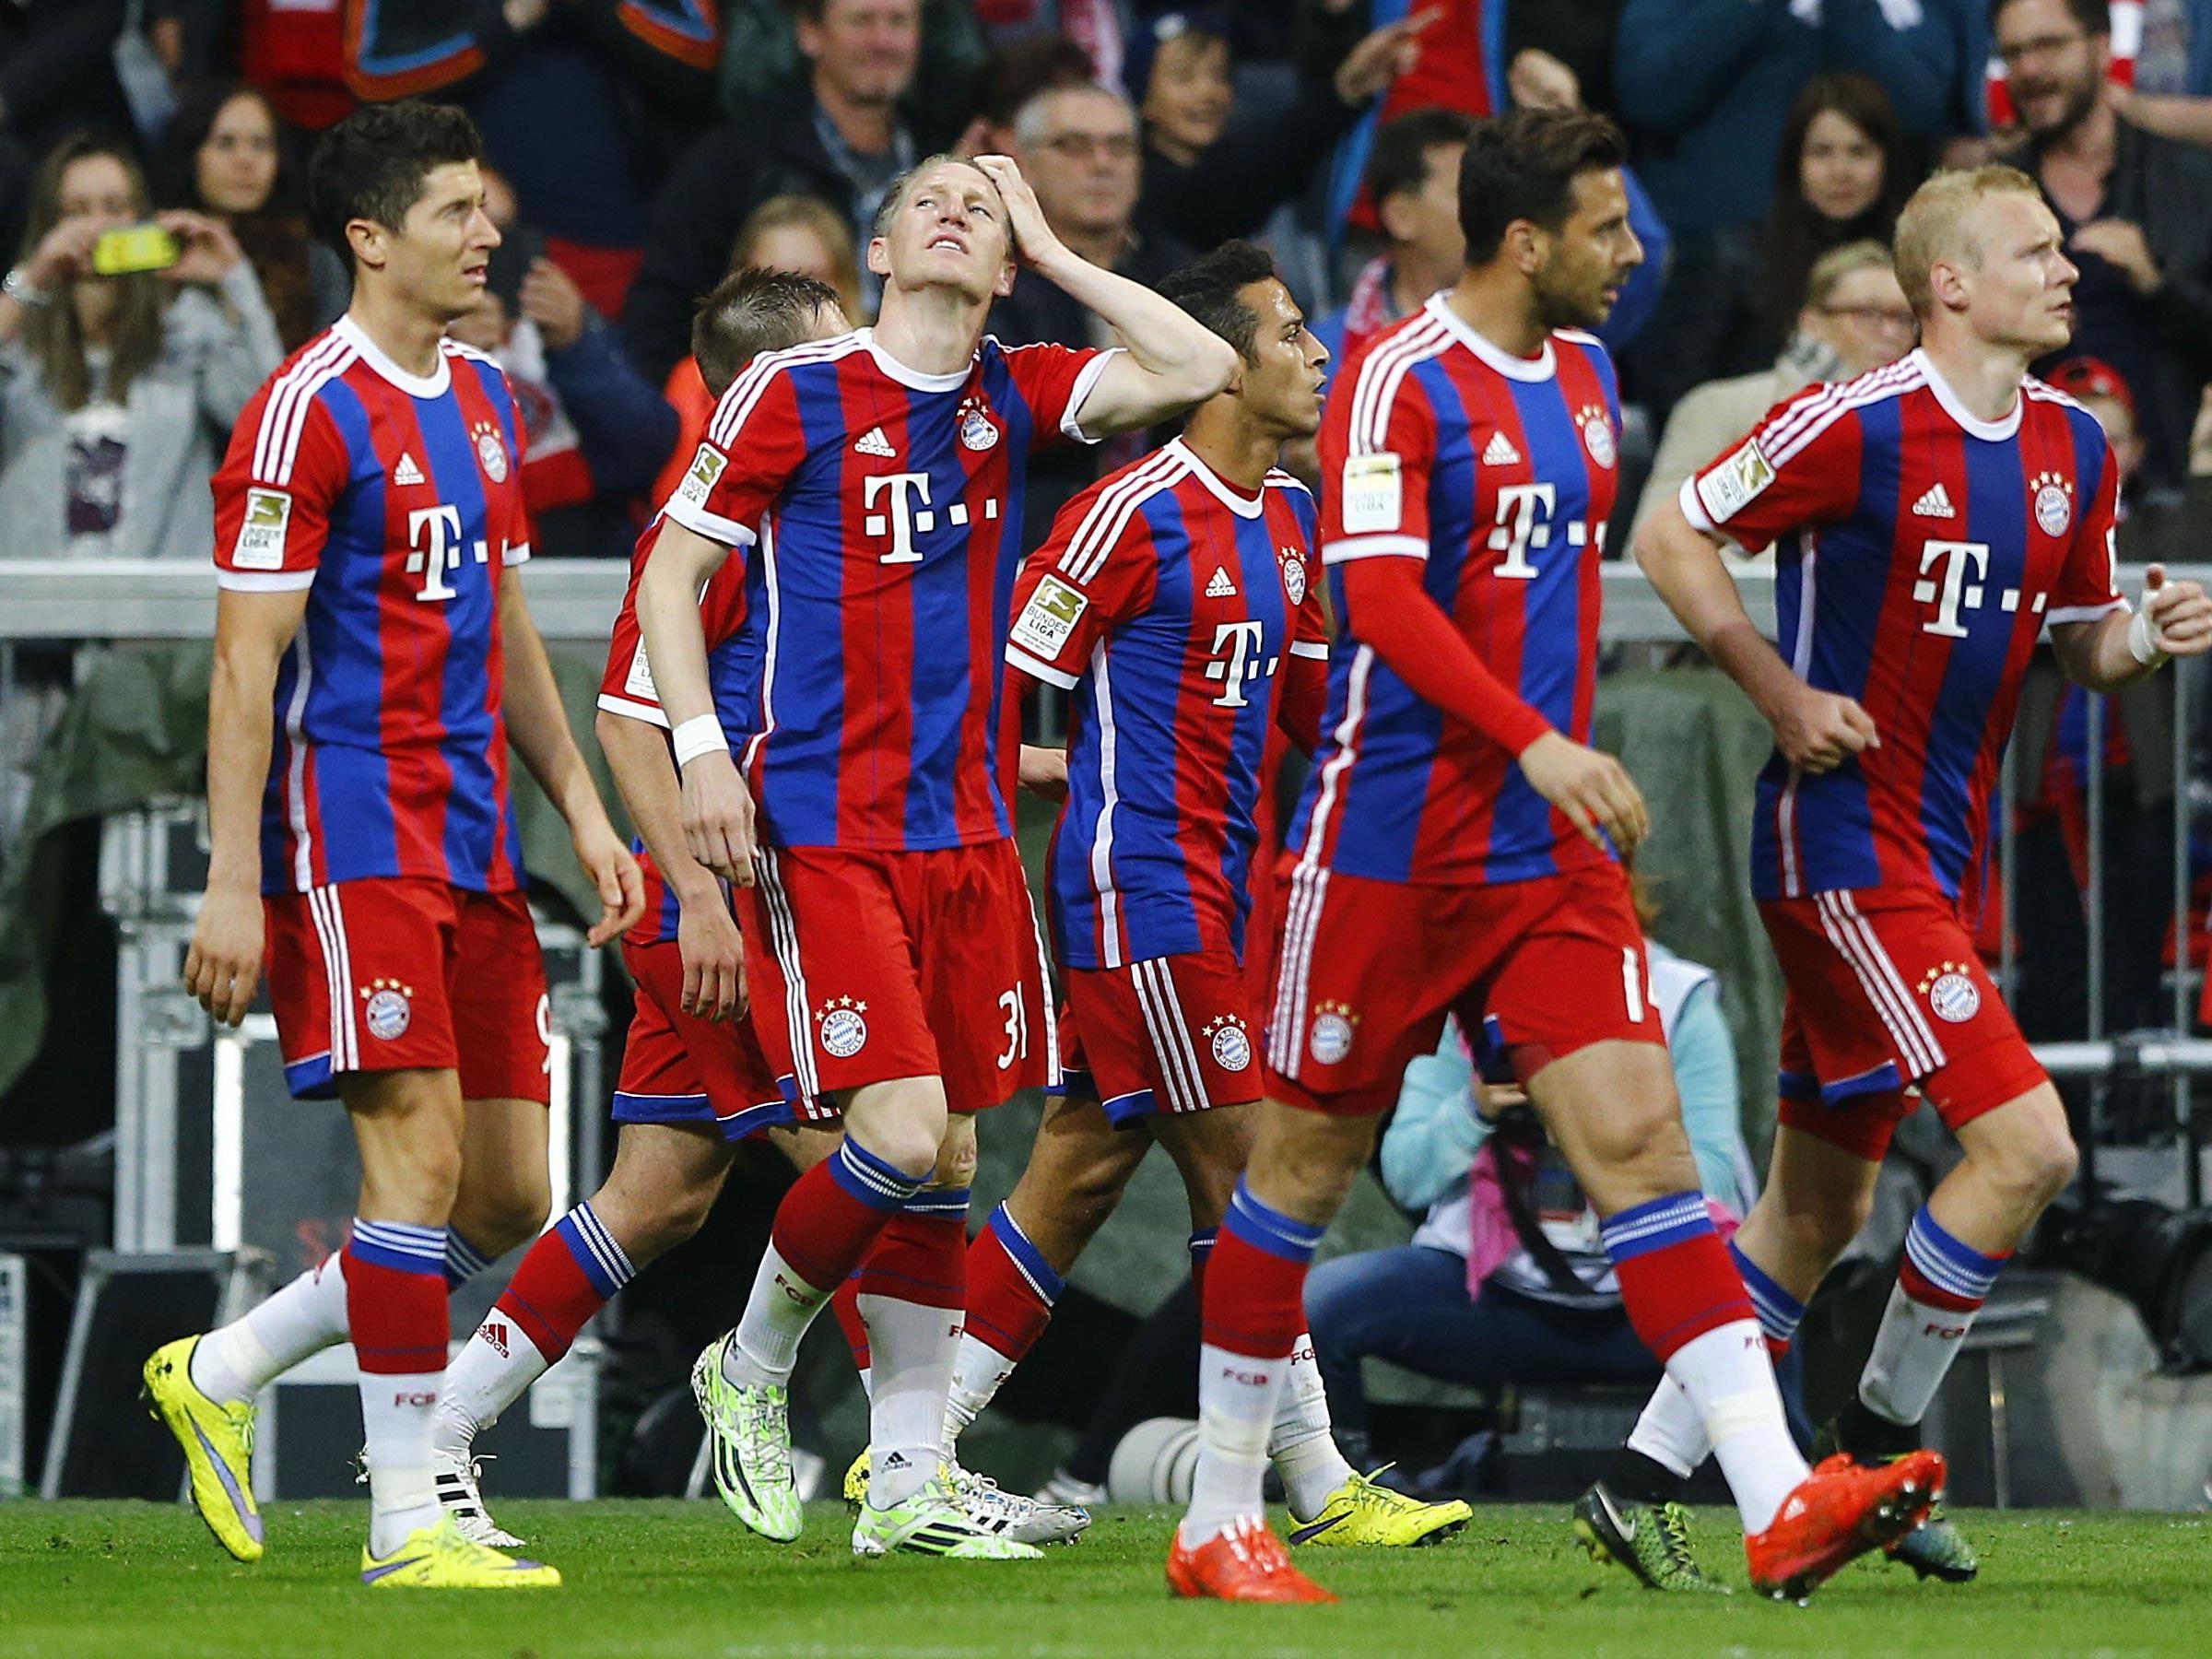 Die Bayern haben den Hattrick: Zum dritten Mal in Folge Deutscher Meister.